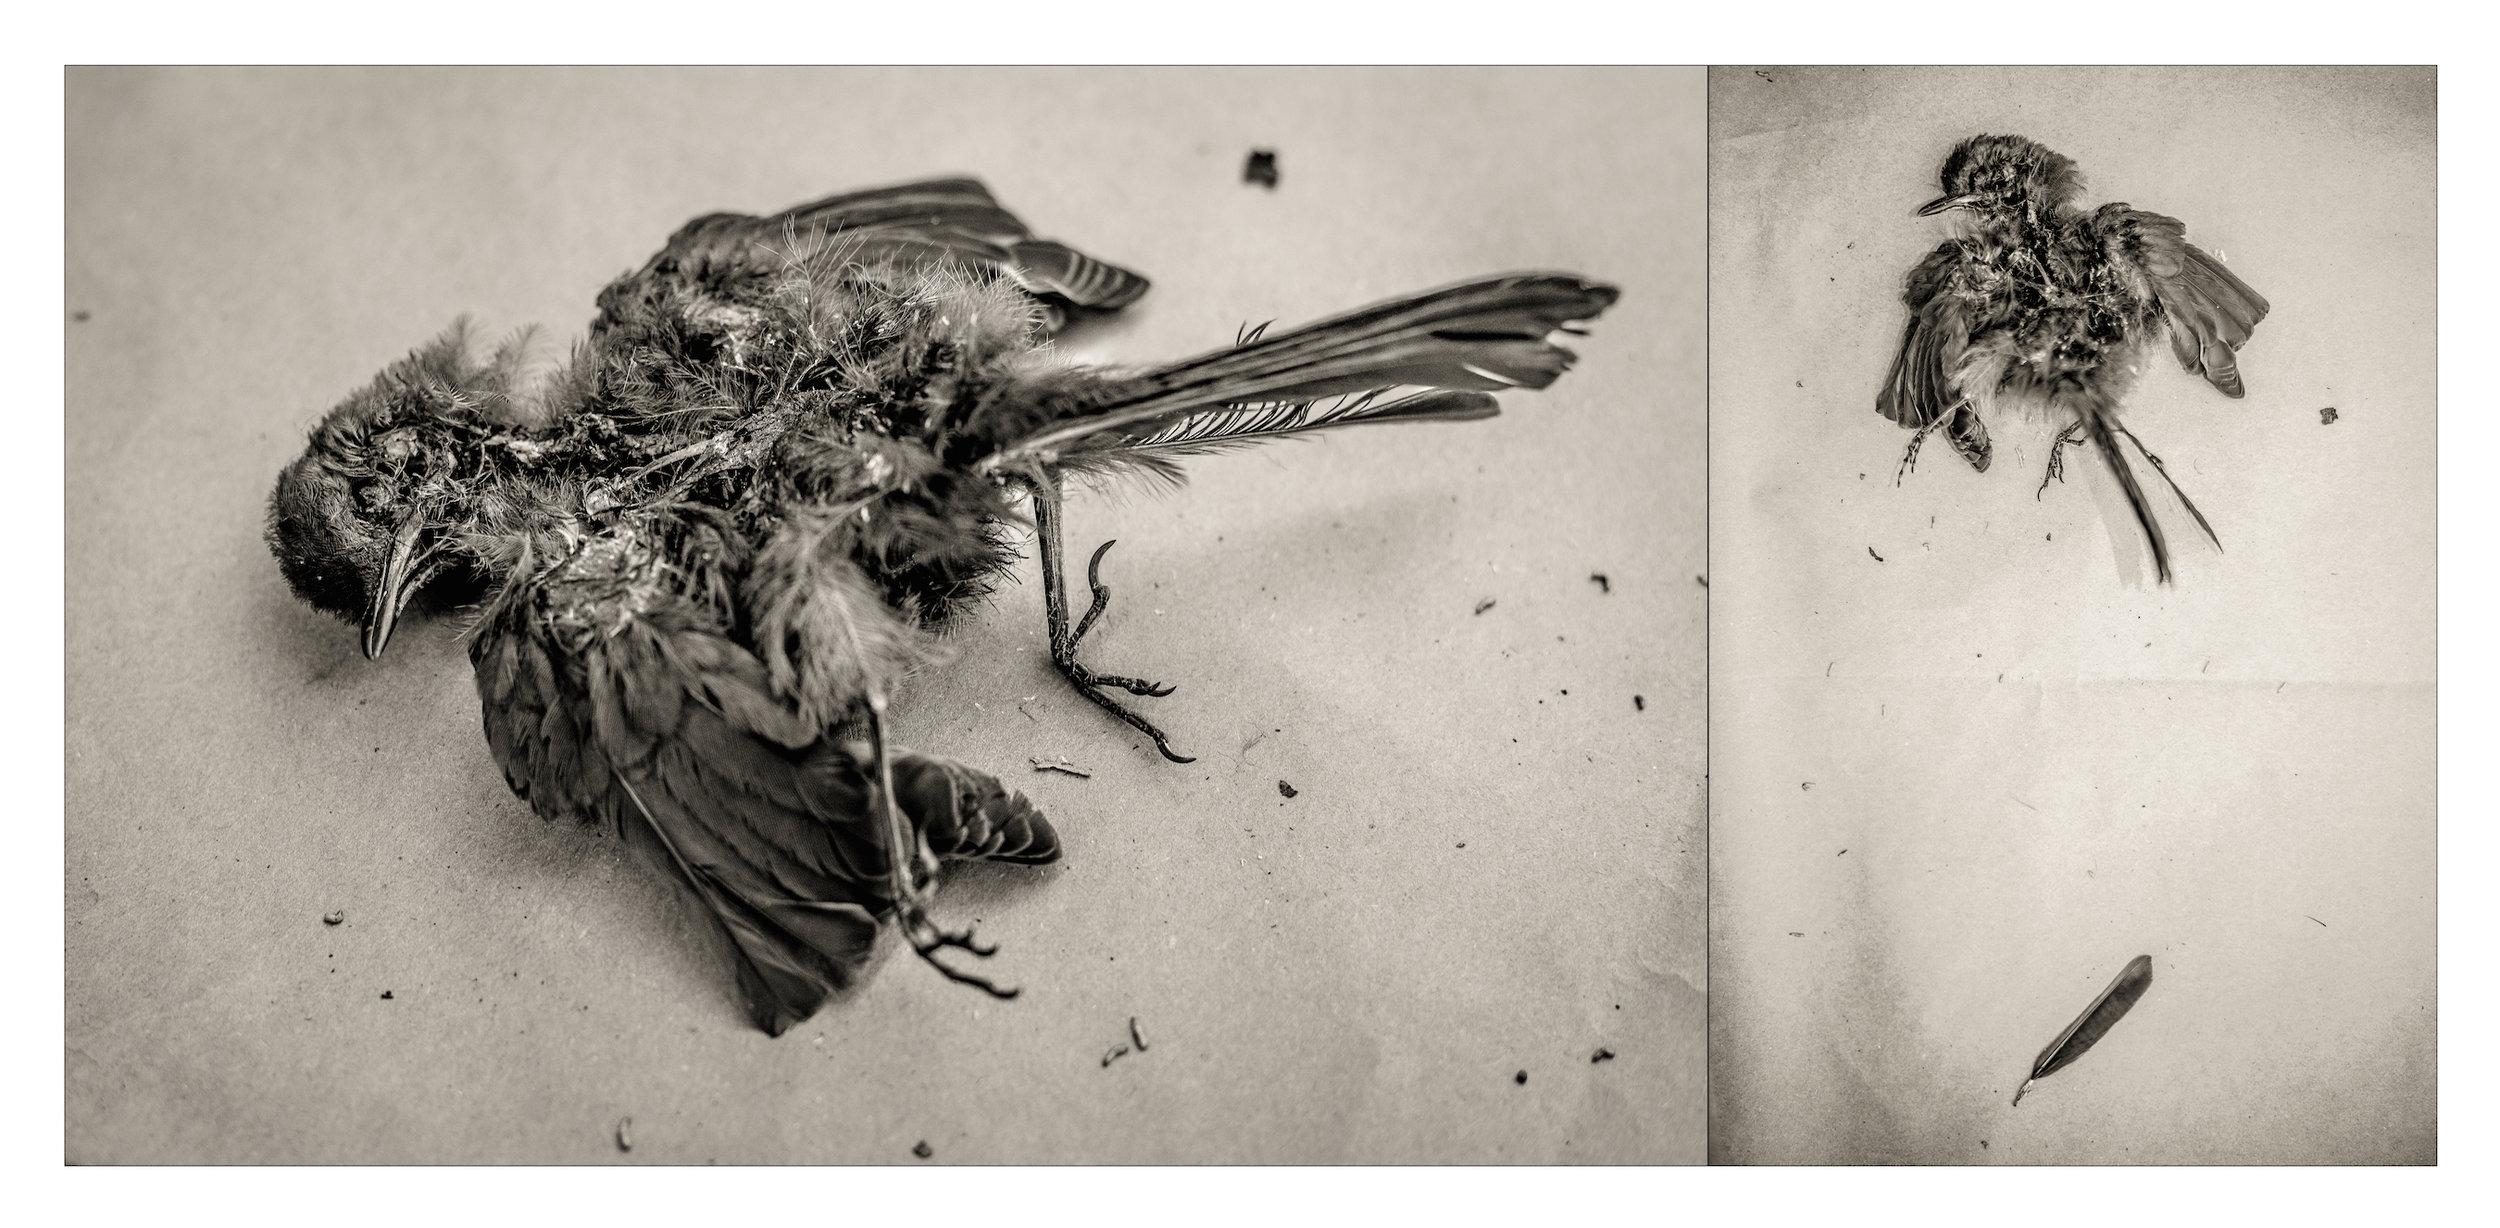 Decaying Bird copy.jpg